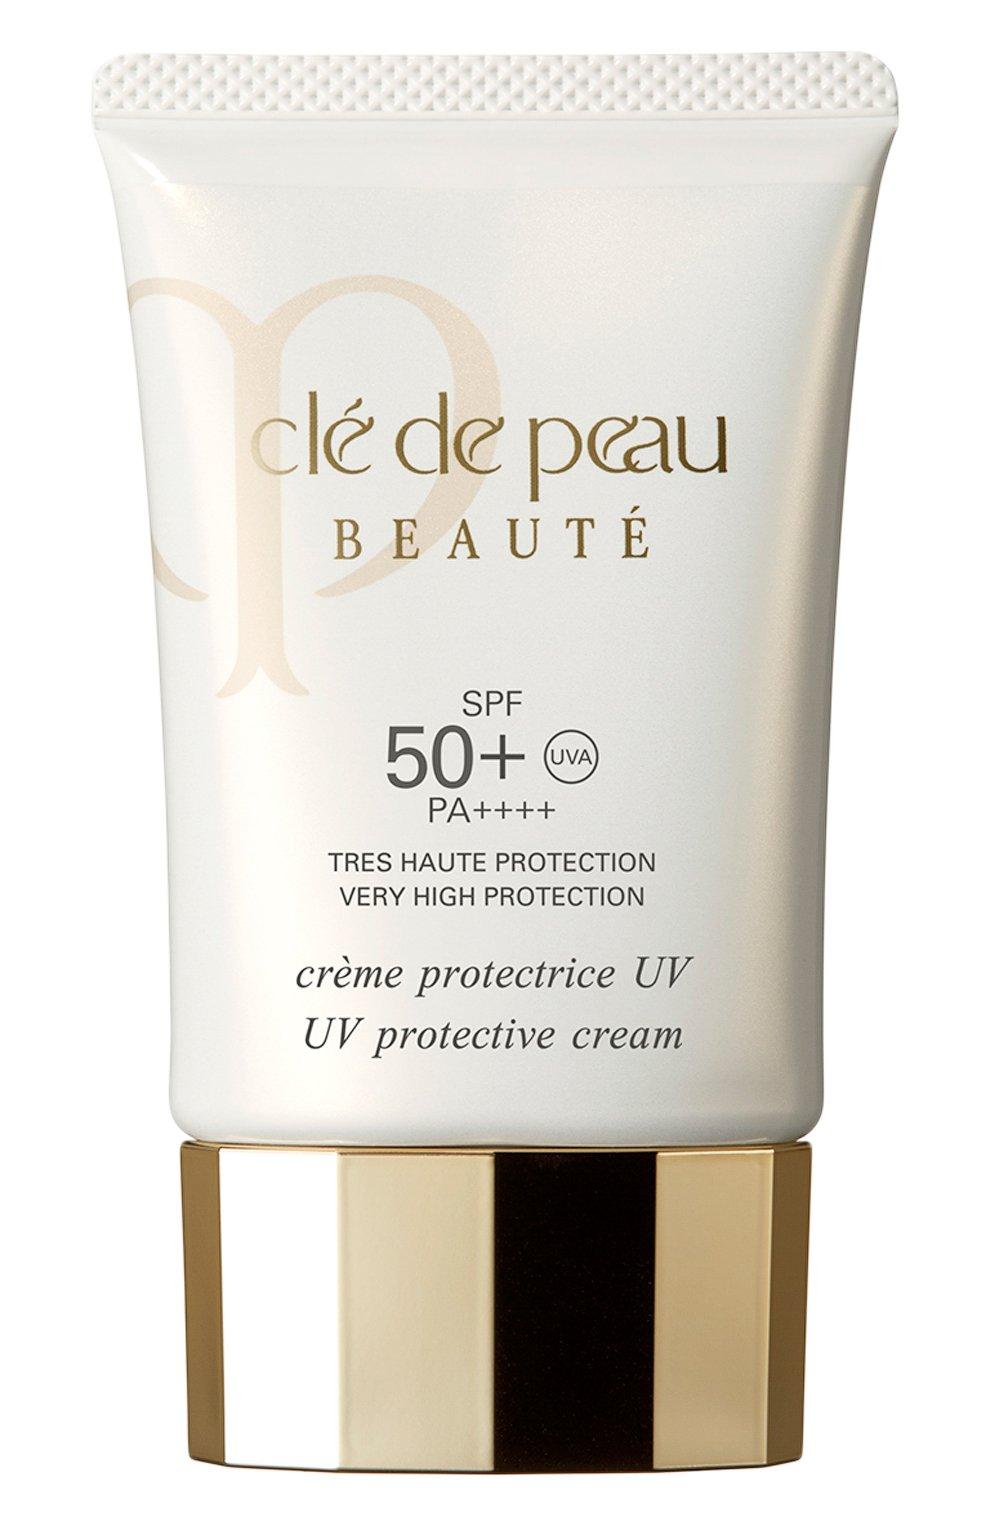 Дневной защитный крем для лица spf 50+ CLÉ DE PEAU BEAUTÉ бесцветного цвета, арт. 13303CP   Фото 1